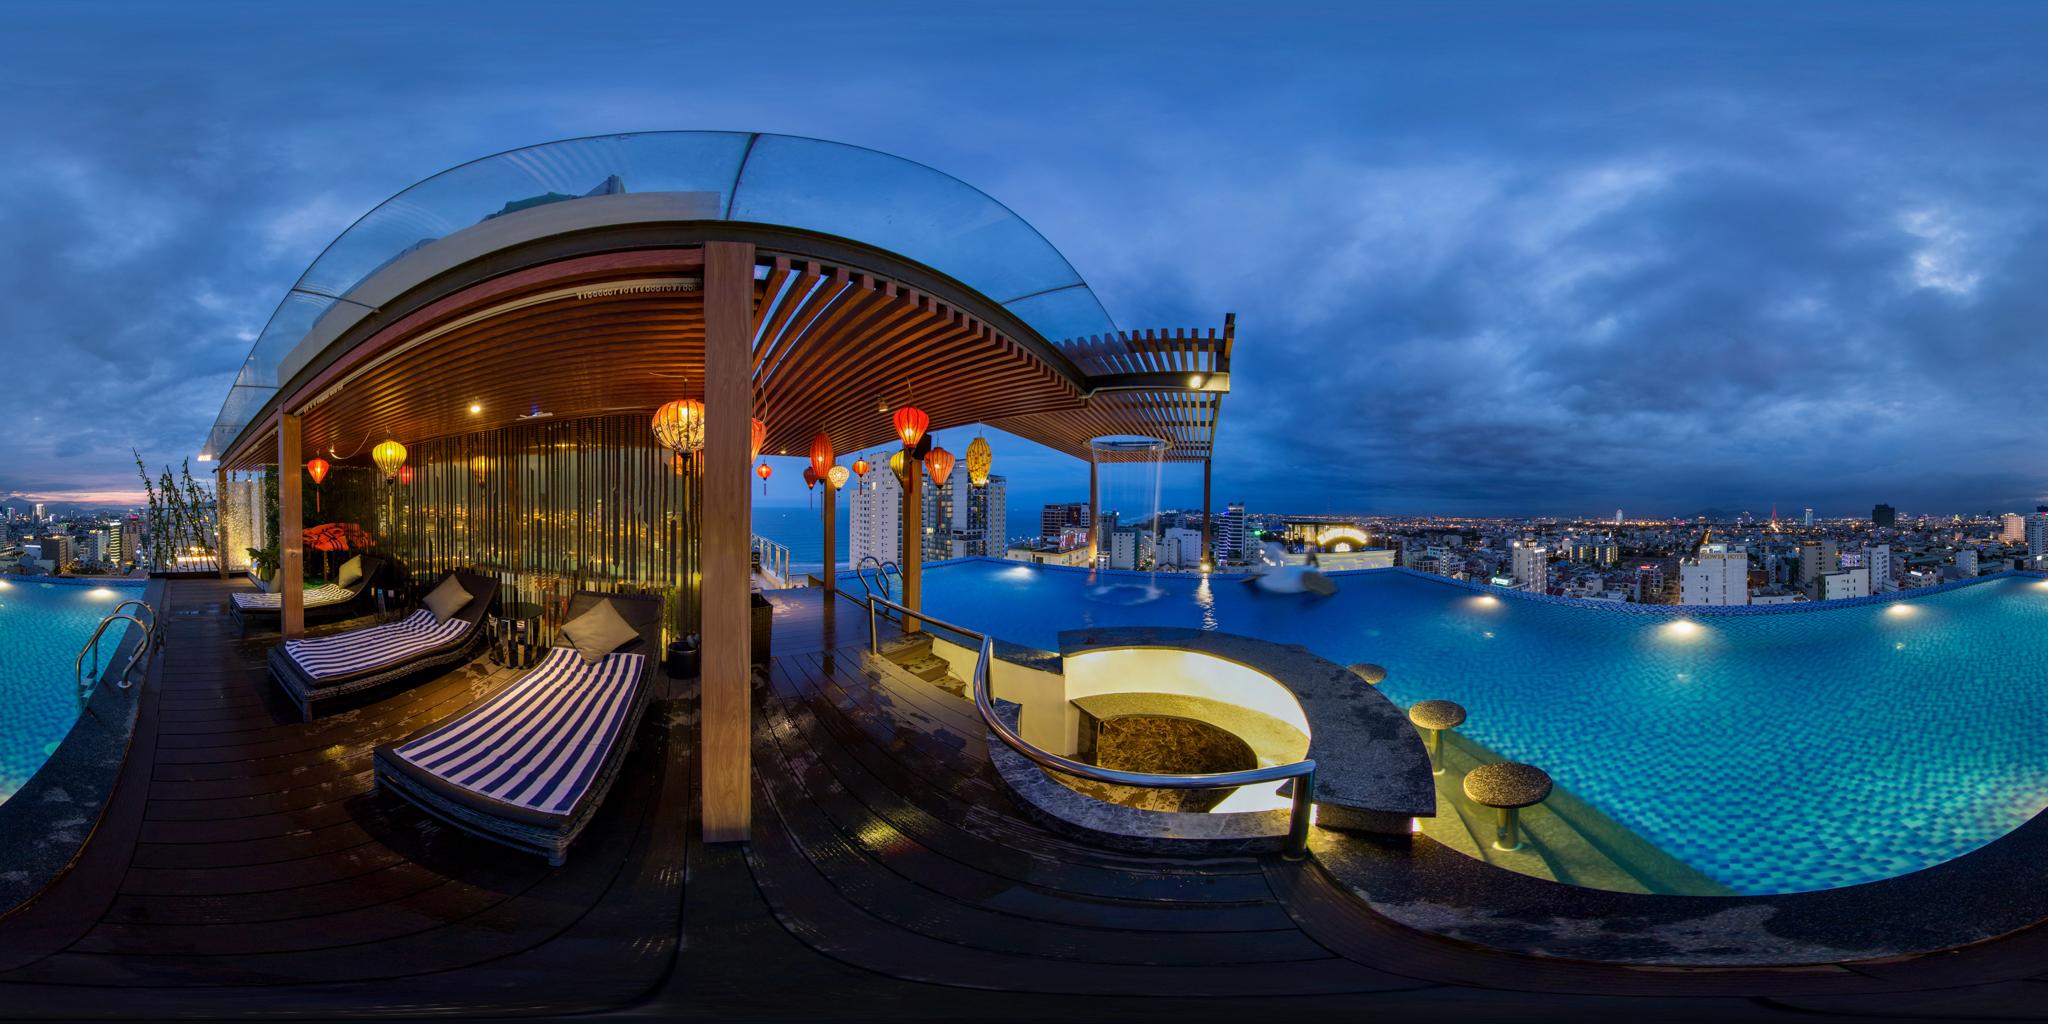 Chụp ảnh quảng cáo 360 VR khách sạn Cicilia Hotel & Spa, Đà Nẵng